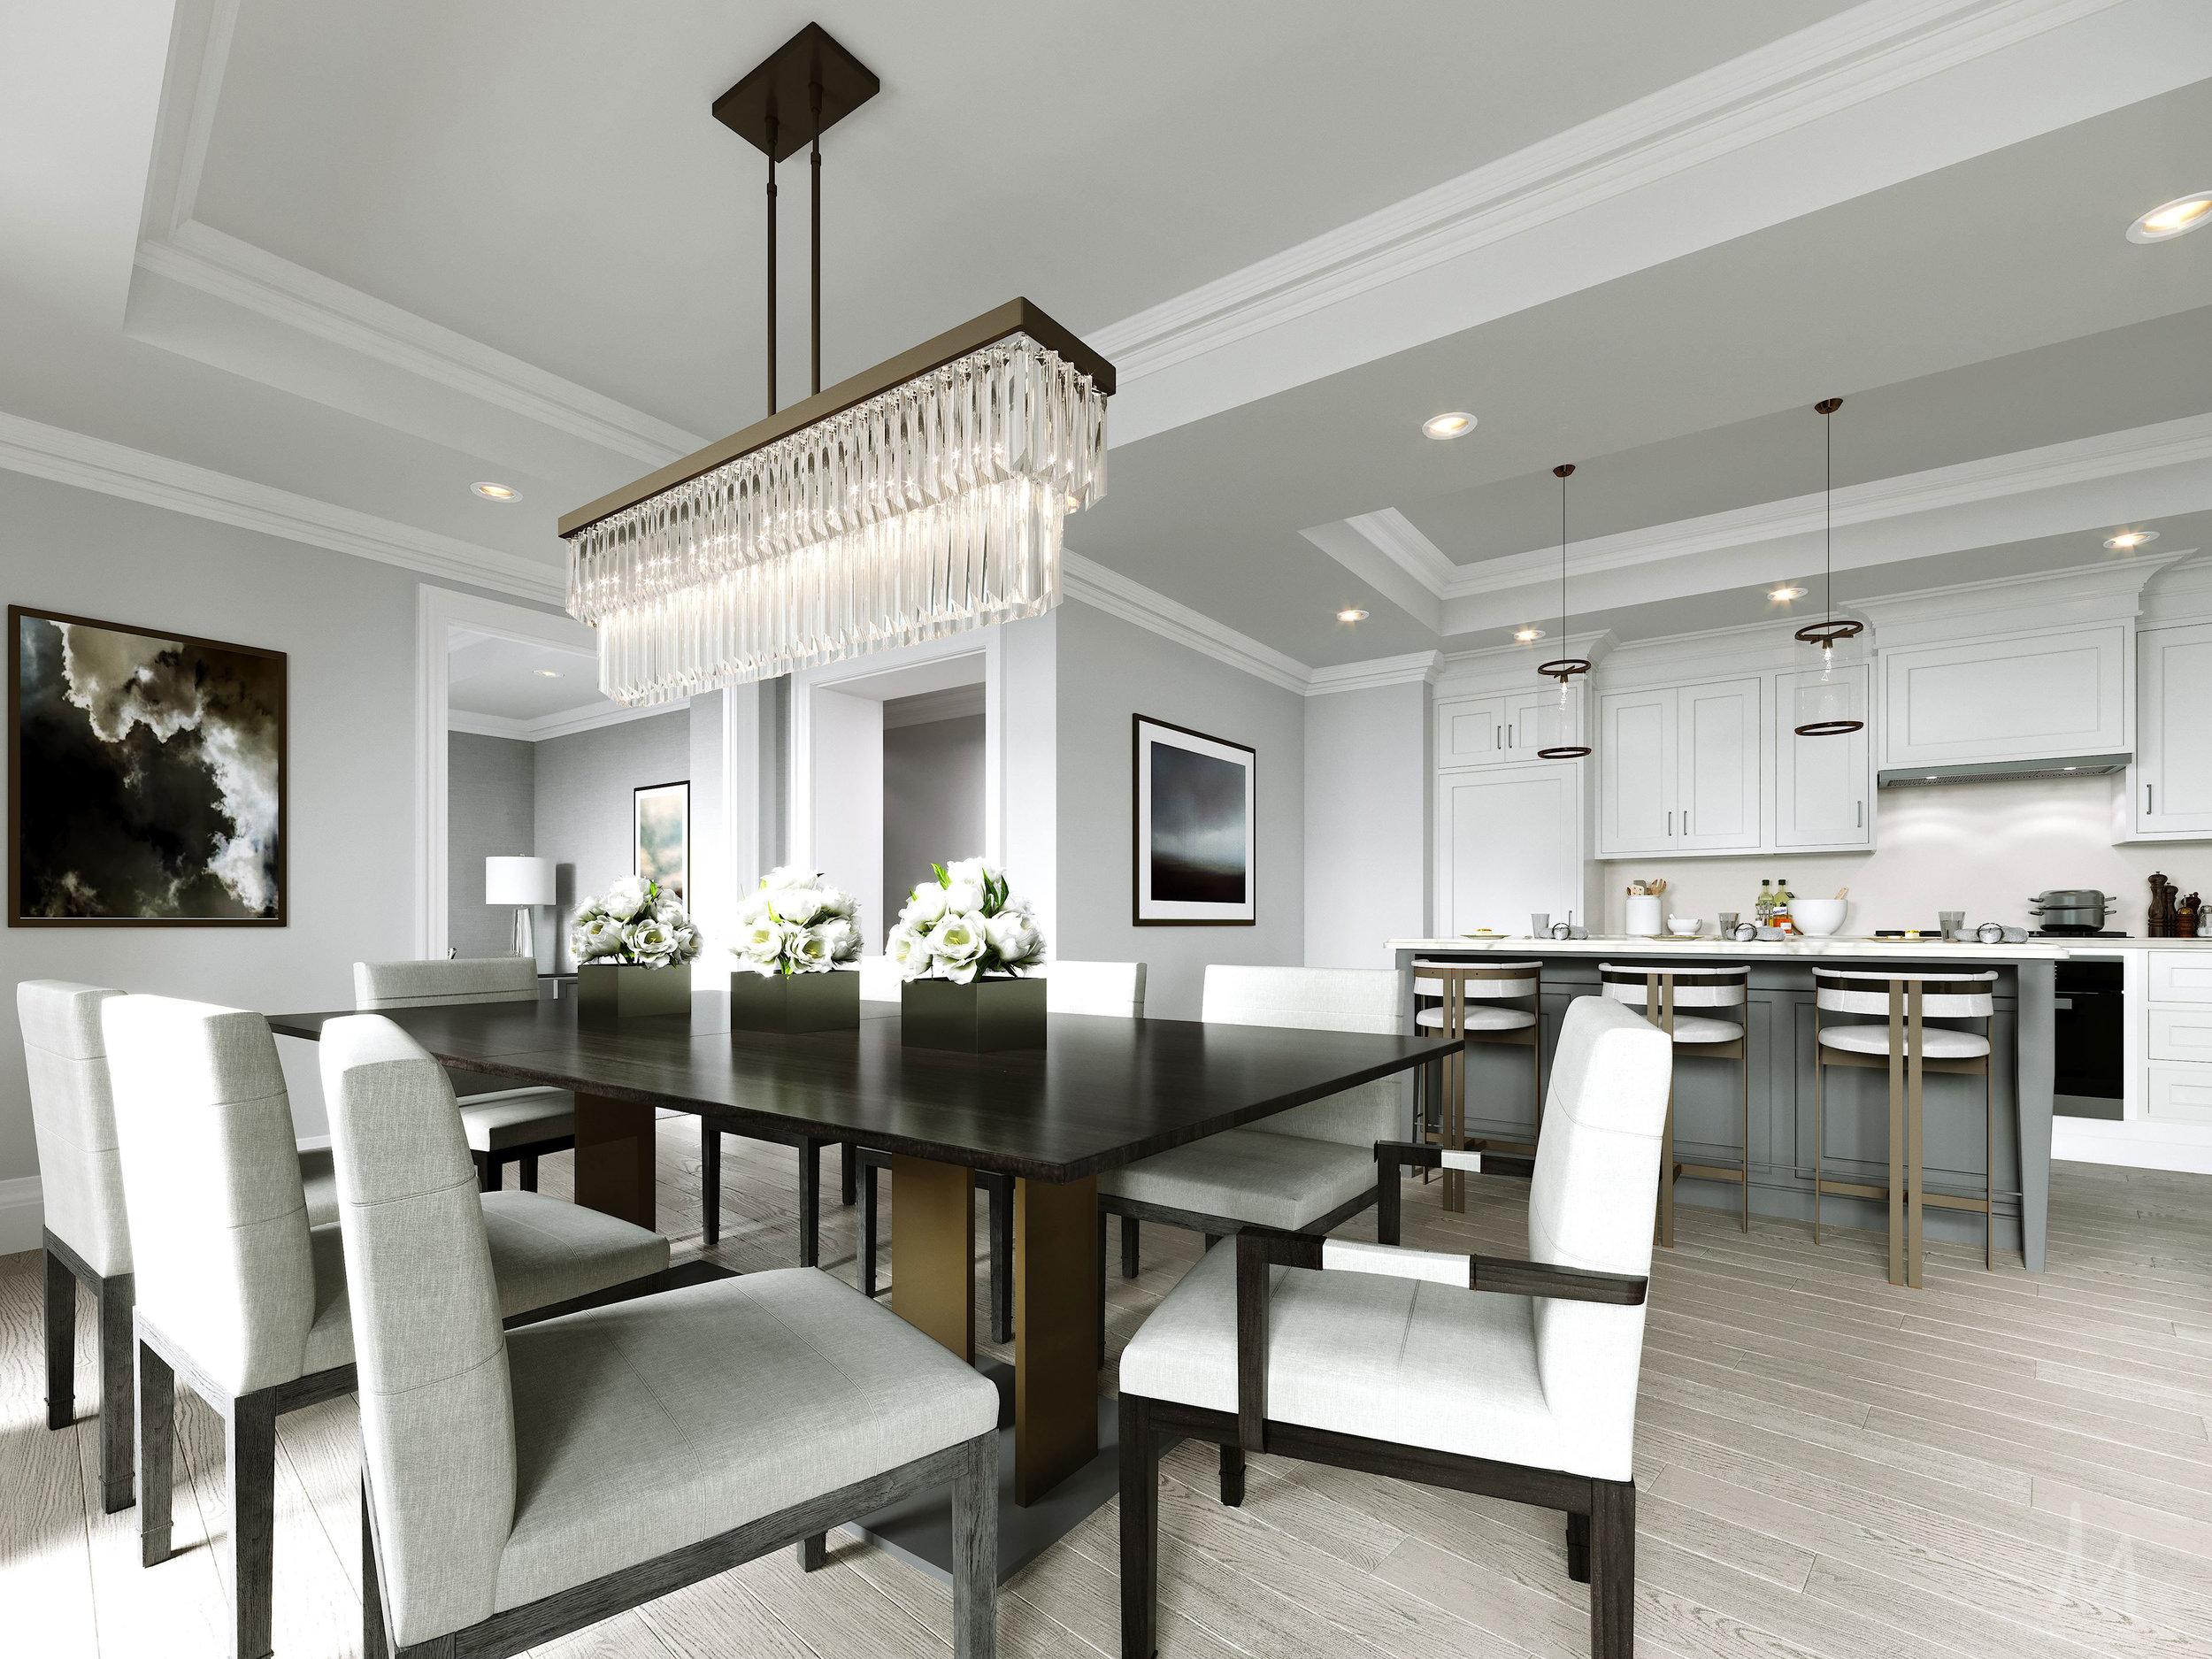 1451-Wellington-dining-room-rendering.jpg